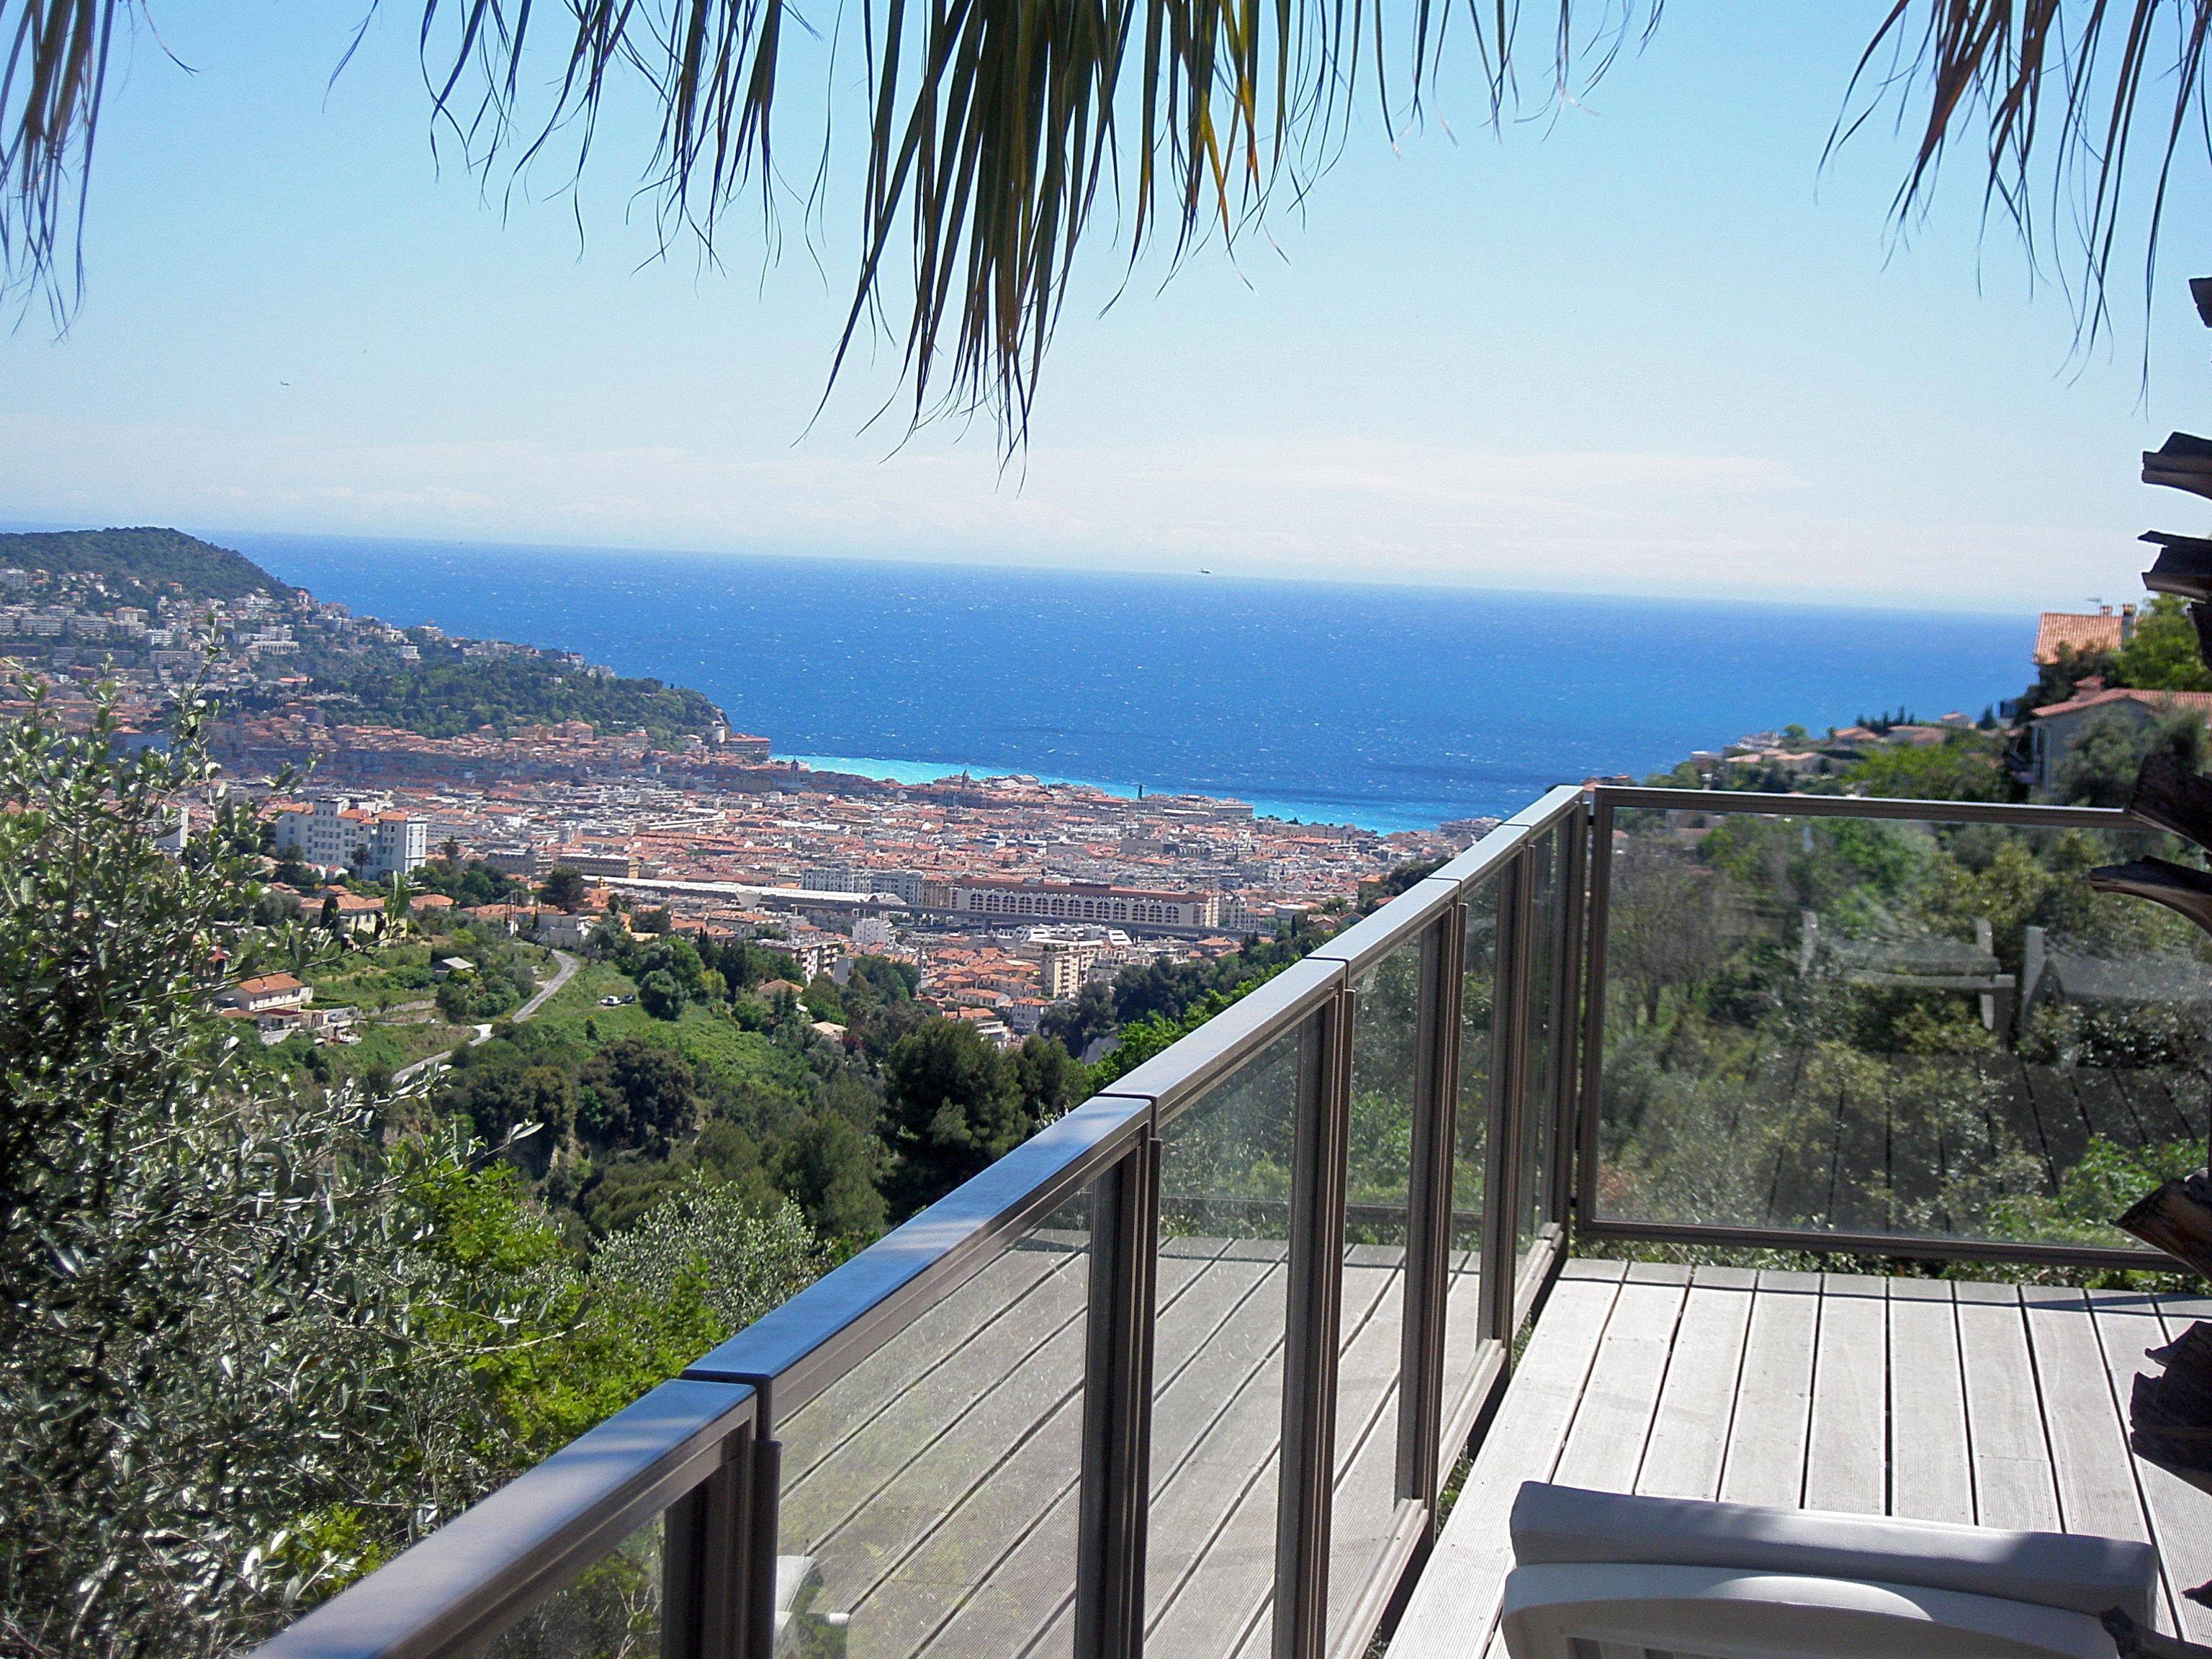 Ferienhaus Panoramavilla La Citronneraie (778998), Nizza, Côte d'Azur, Provence - Alpen - Côte d'Azur, Frankreich, Bild 20